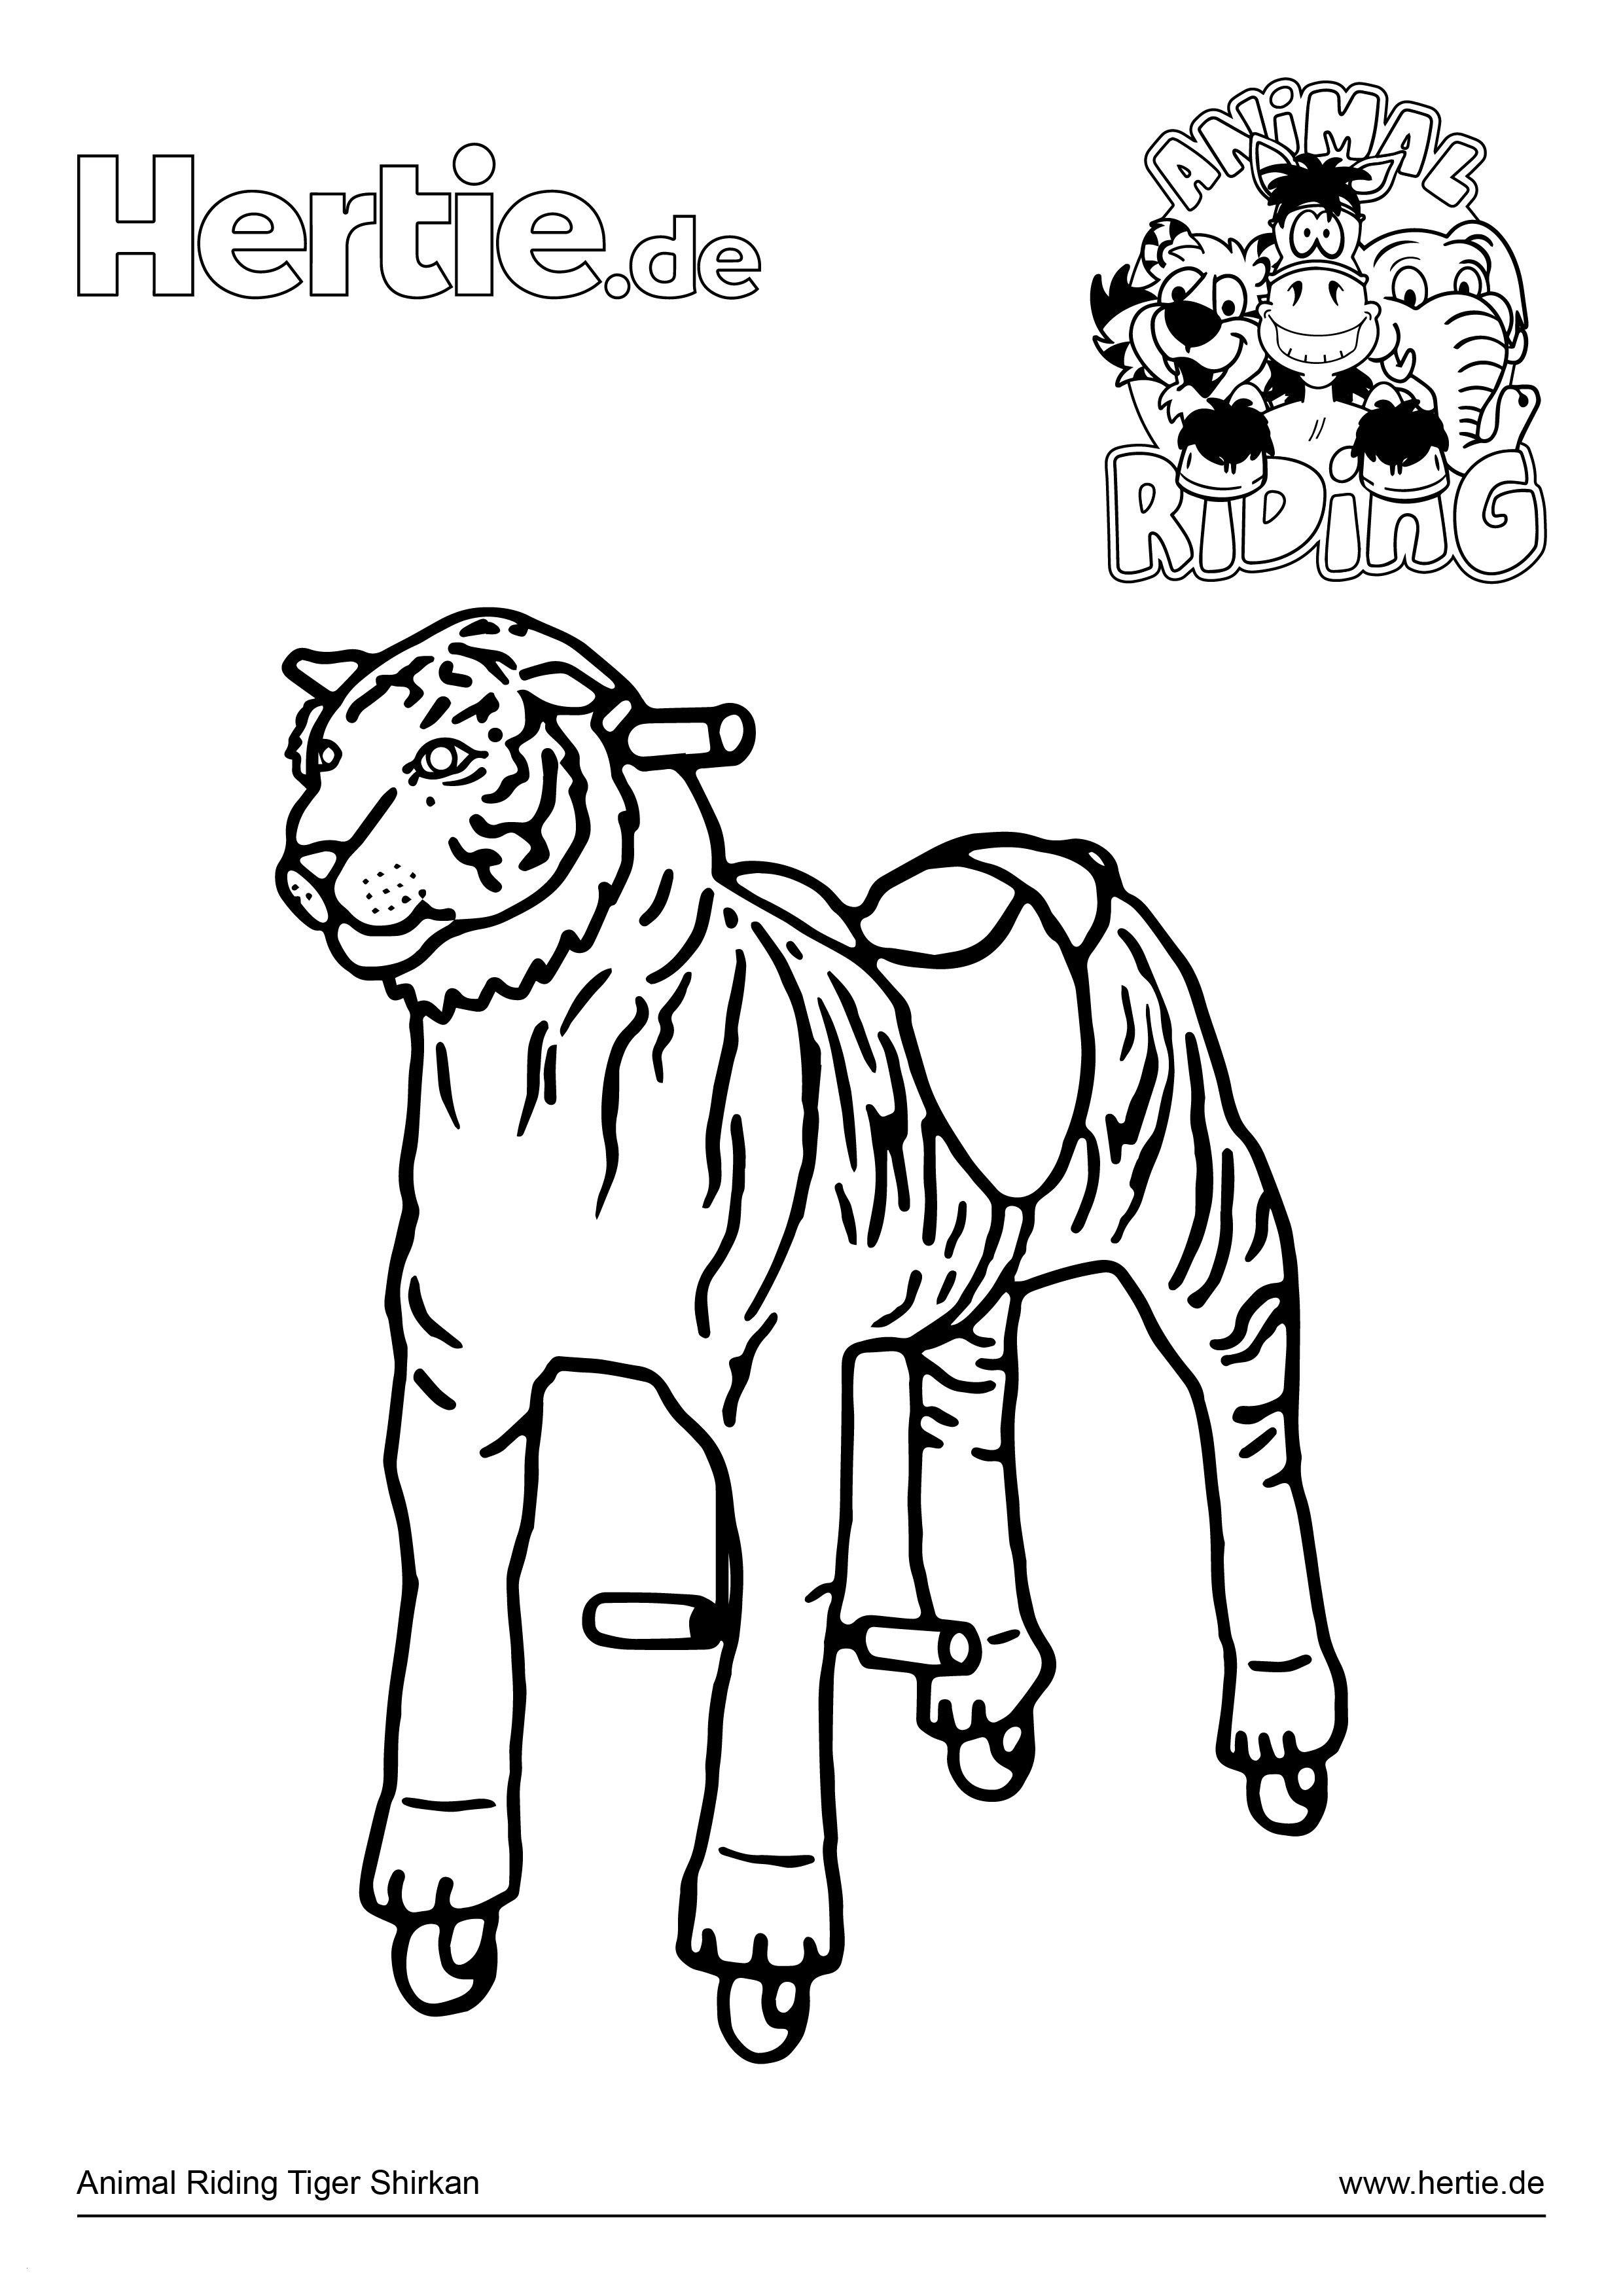 Shaun Das Schaf Ausmalbild Das Beste Von Animal Riding Ausmalbild Tiger Shirkan Best Einhorn Ausmalbilder Bilder